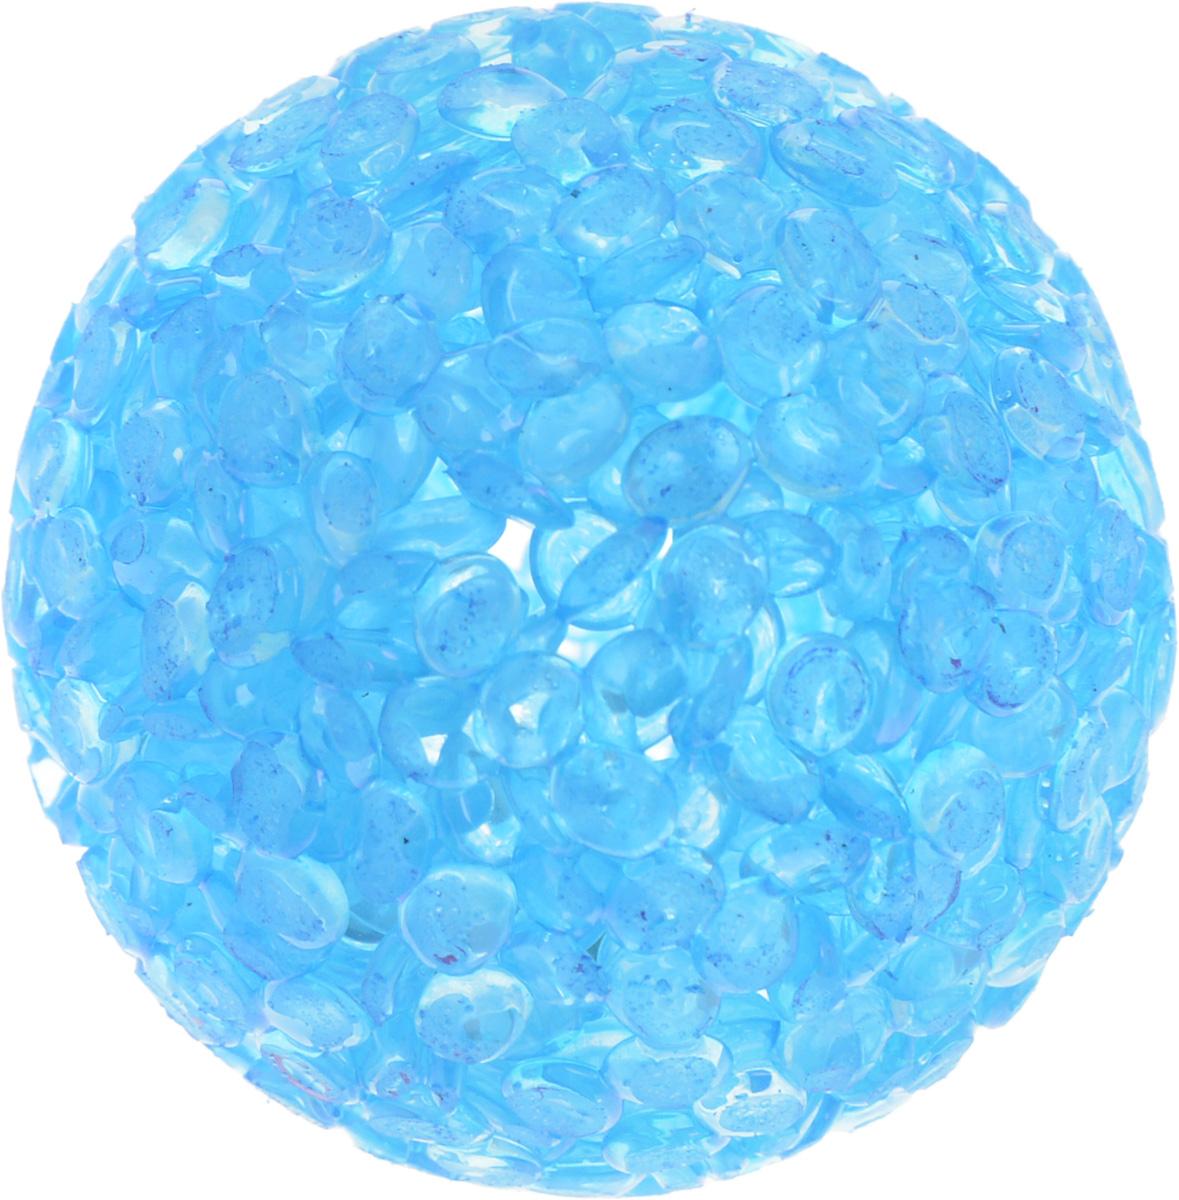 Игрушка для животных Каскад Мячик блестящий, цвет: голубой, диаметр 4 см27799314Игрушка для животных Каскад Мячик блестящий изготовлена из высококачественной синтетики. Внутри изделия имеется небольшой бубенчик, который привлечет внимание питомца. Такая игрушка порадует вашего любимца, а вам доставит массу приятных эмоций, ведь наблюдать за игрой всегда интересно и приятно.Диаметр игрушки: 4 см.